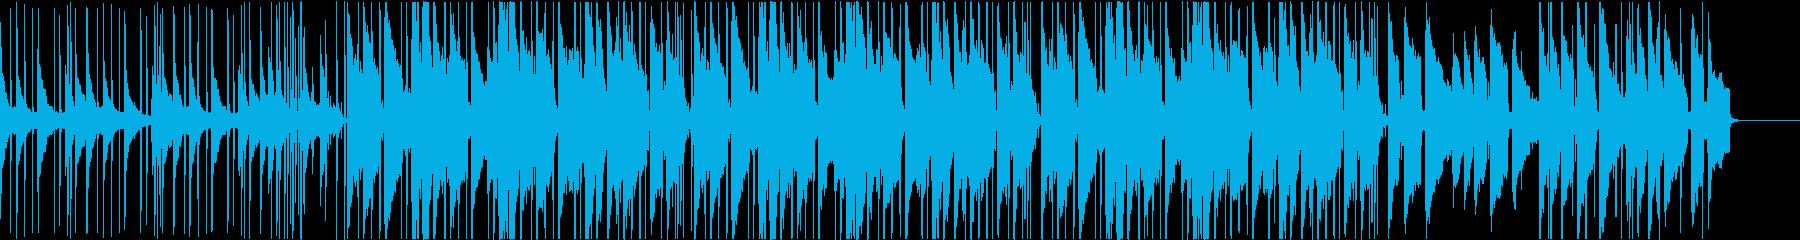 スローテンポでムーディーなネオソウル曲の再生済みの波形